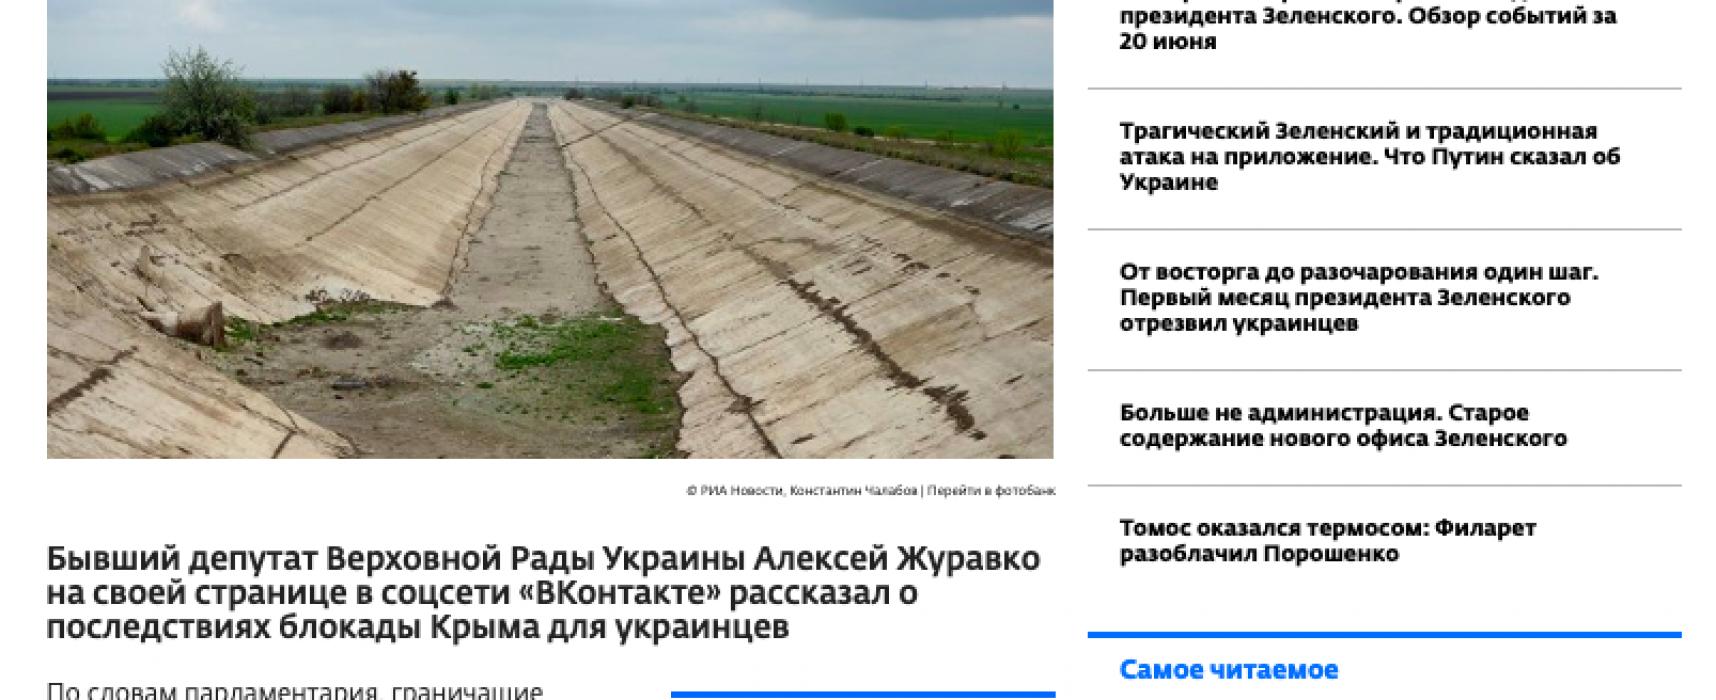 Fake: L'Ukraine fait face à une catastrophe écologique provoquée par une crise de l'eau en Crimée